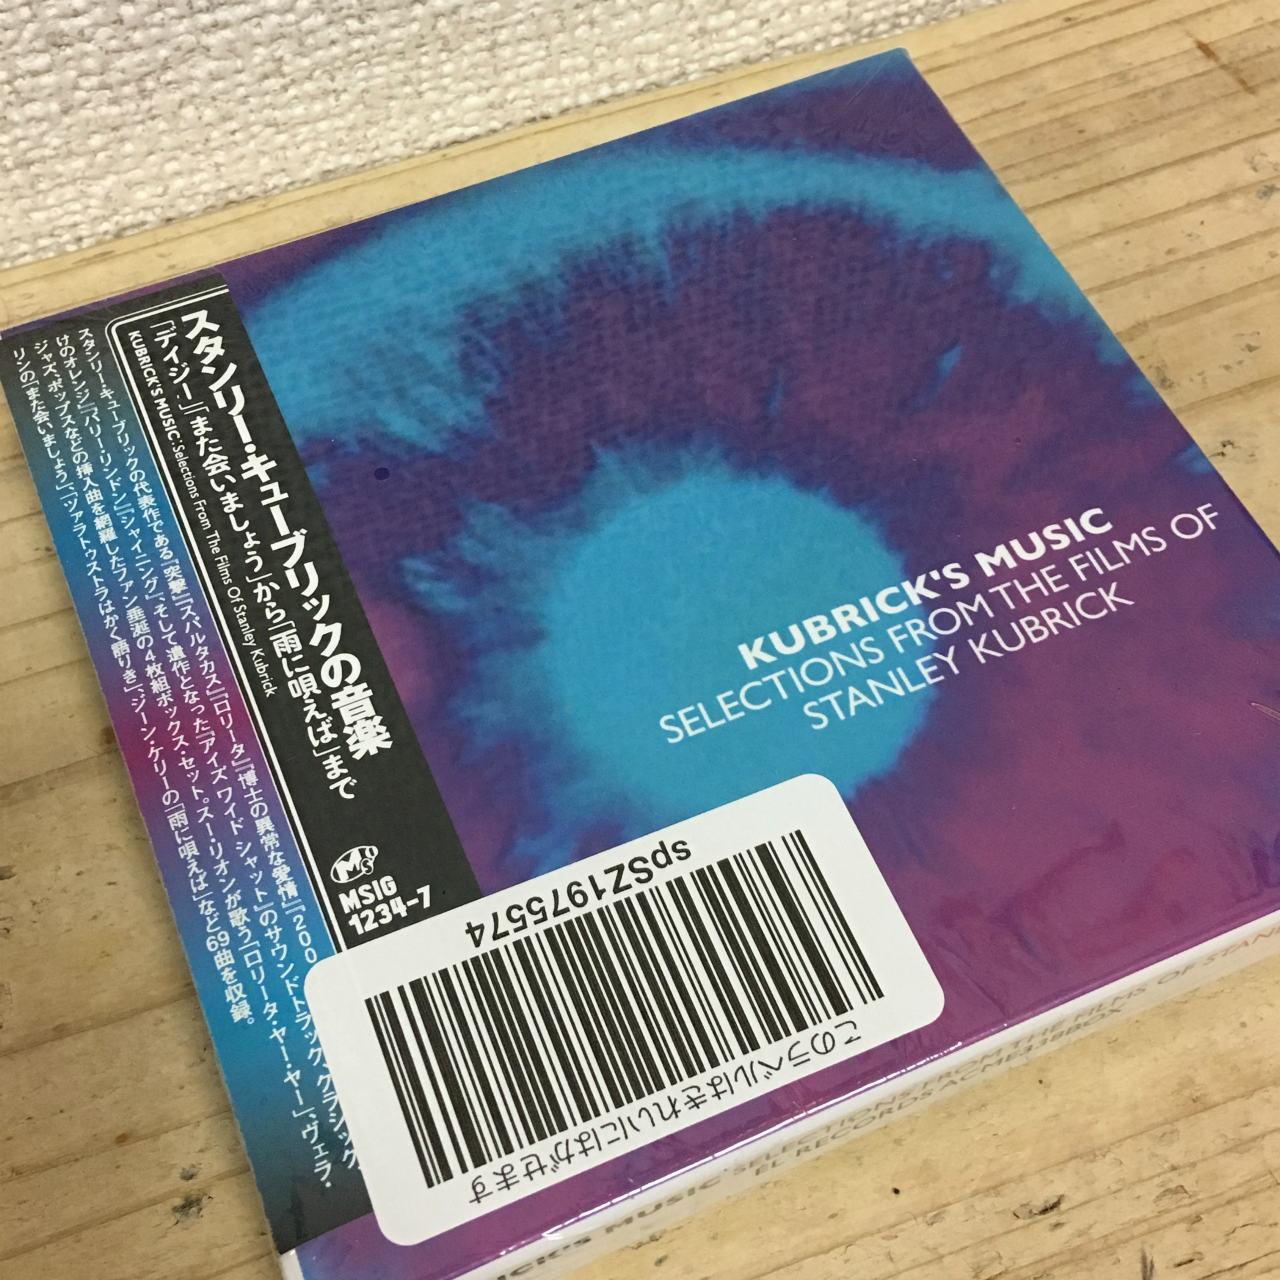 CD『スタンリー・キューブリックの音楽~「デイジー」「また会いましょう」から「雨に唄えば」まで』